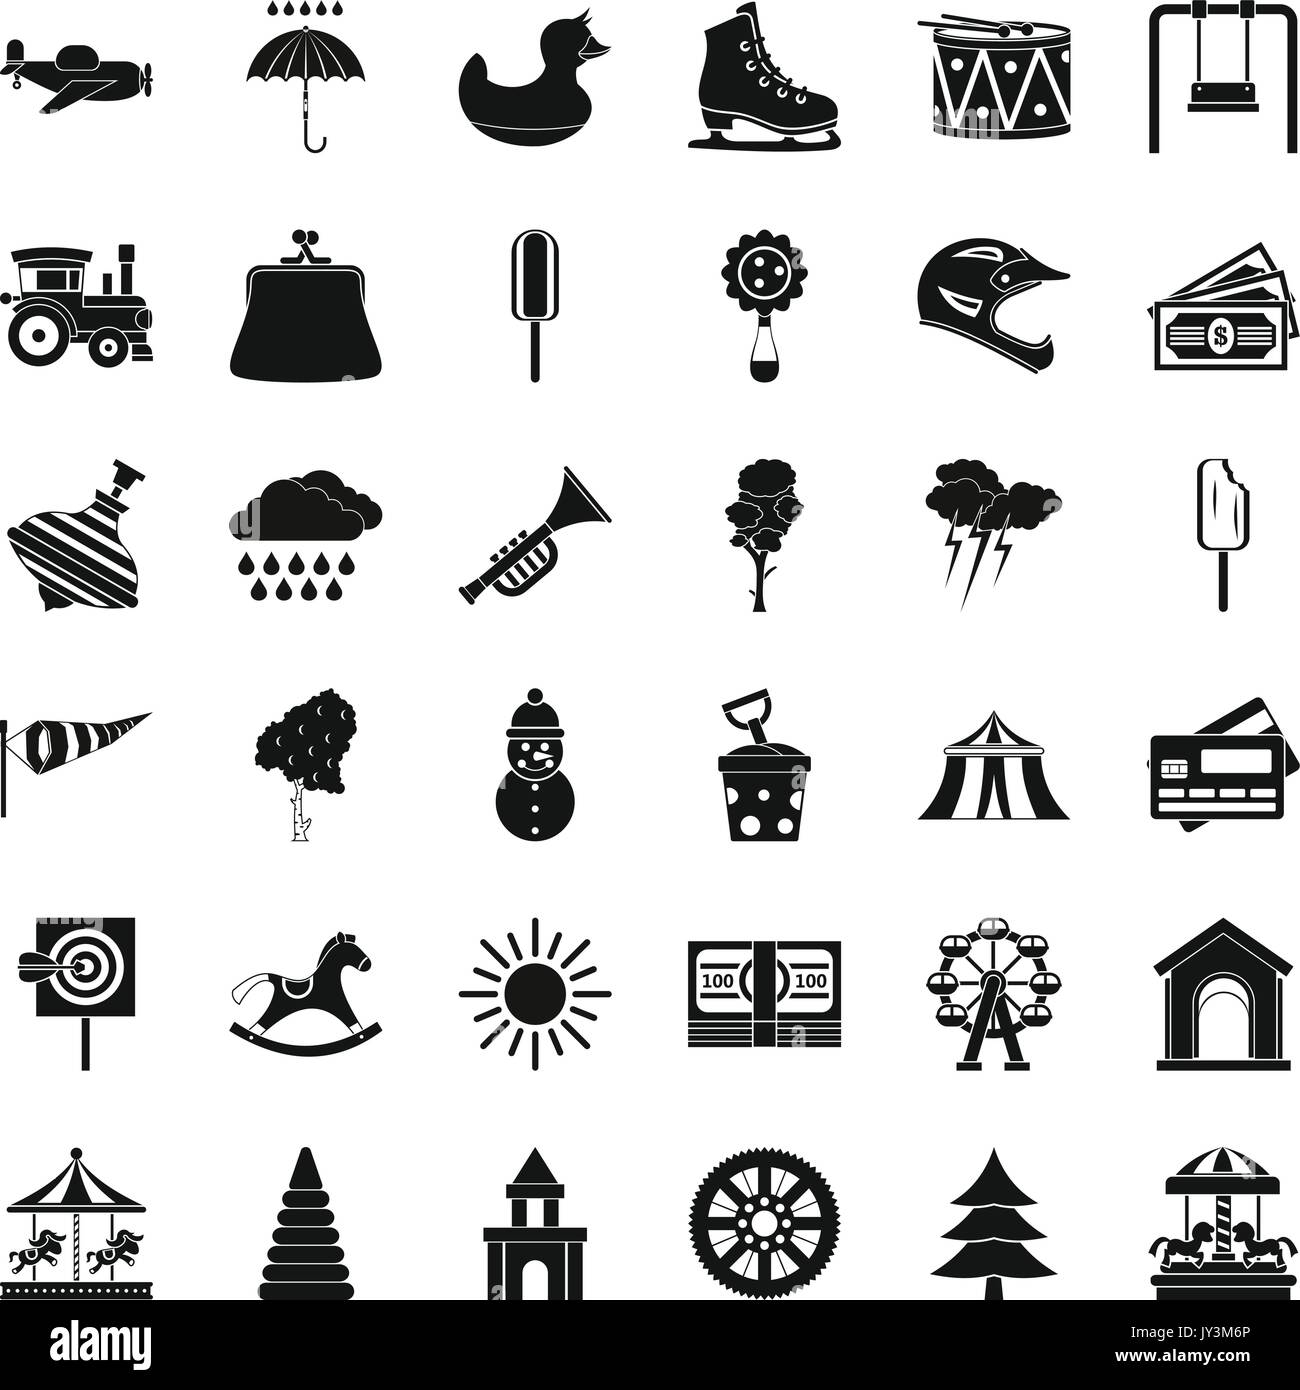 Kinder schloss Symbole gesetzt, einfachen Stil Vektor Abbildung ...